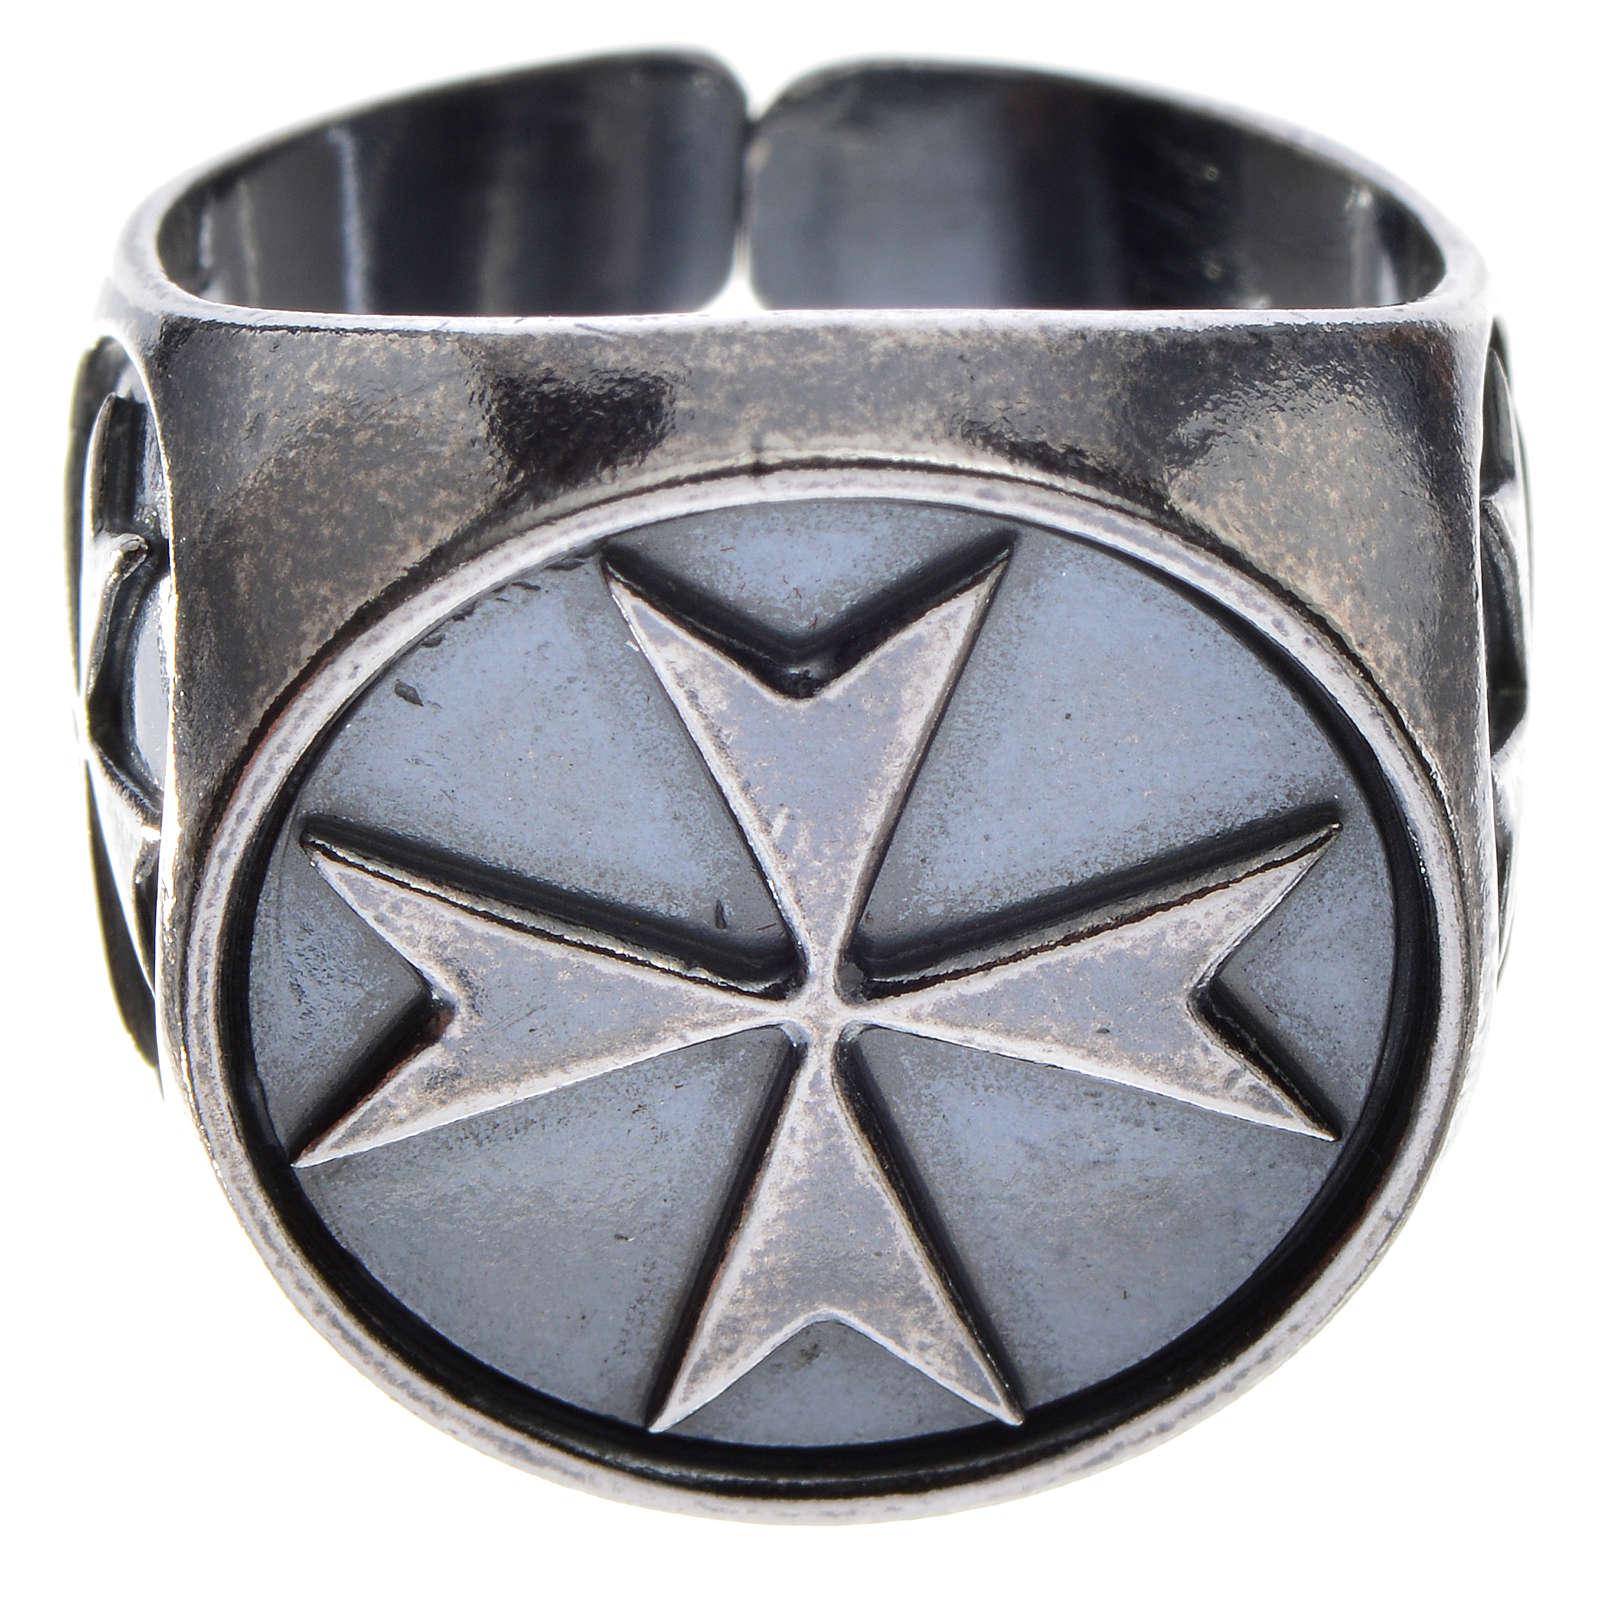 Bischofsring Kreuz von Malta getönten Silber 800 3